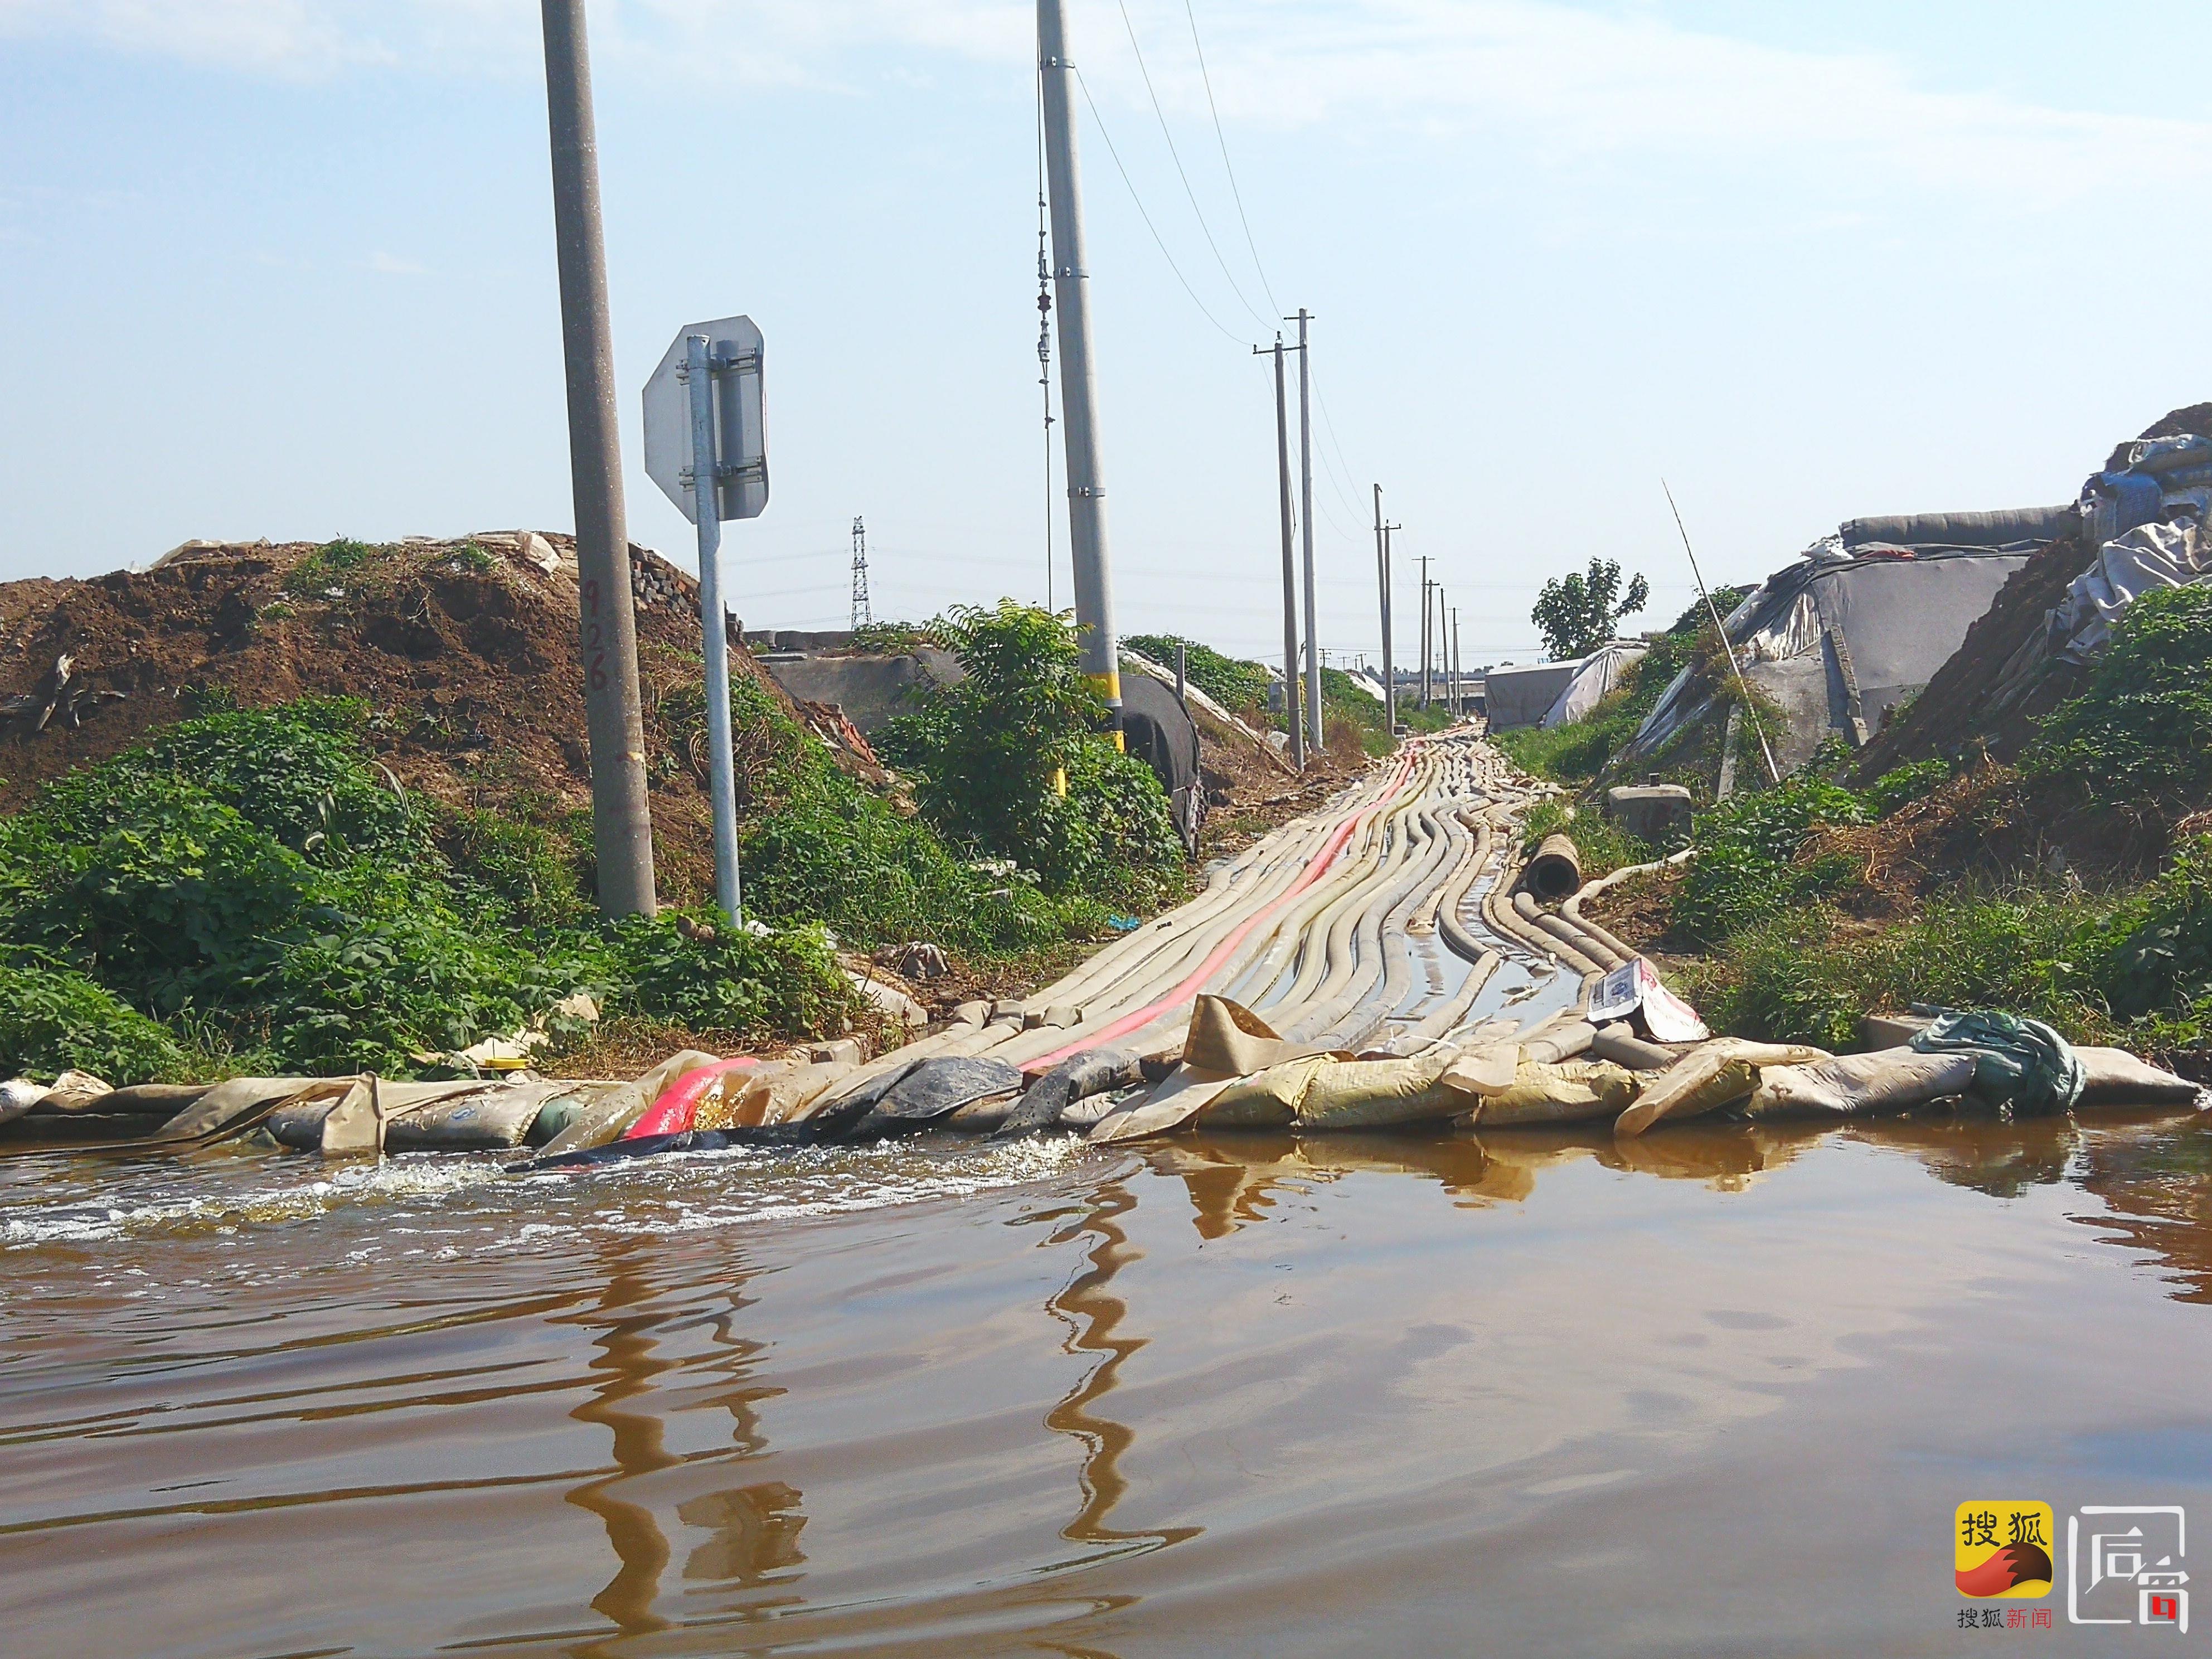 寿光雨夜里的一个村庄 | 接到疏散通知时已溃堤 村民对泄洪多不知情